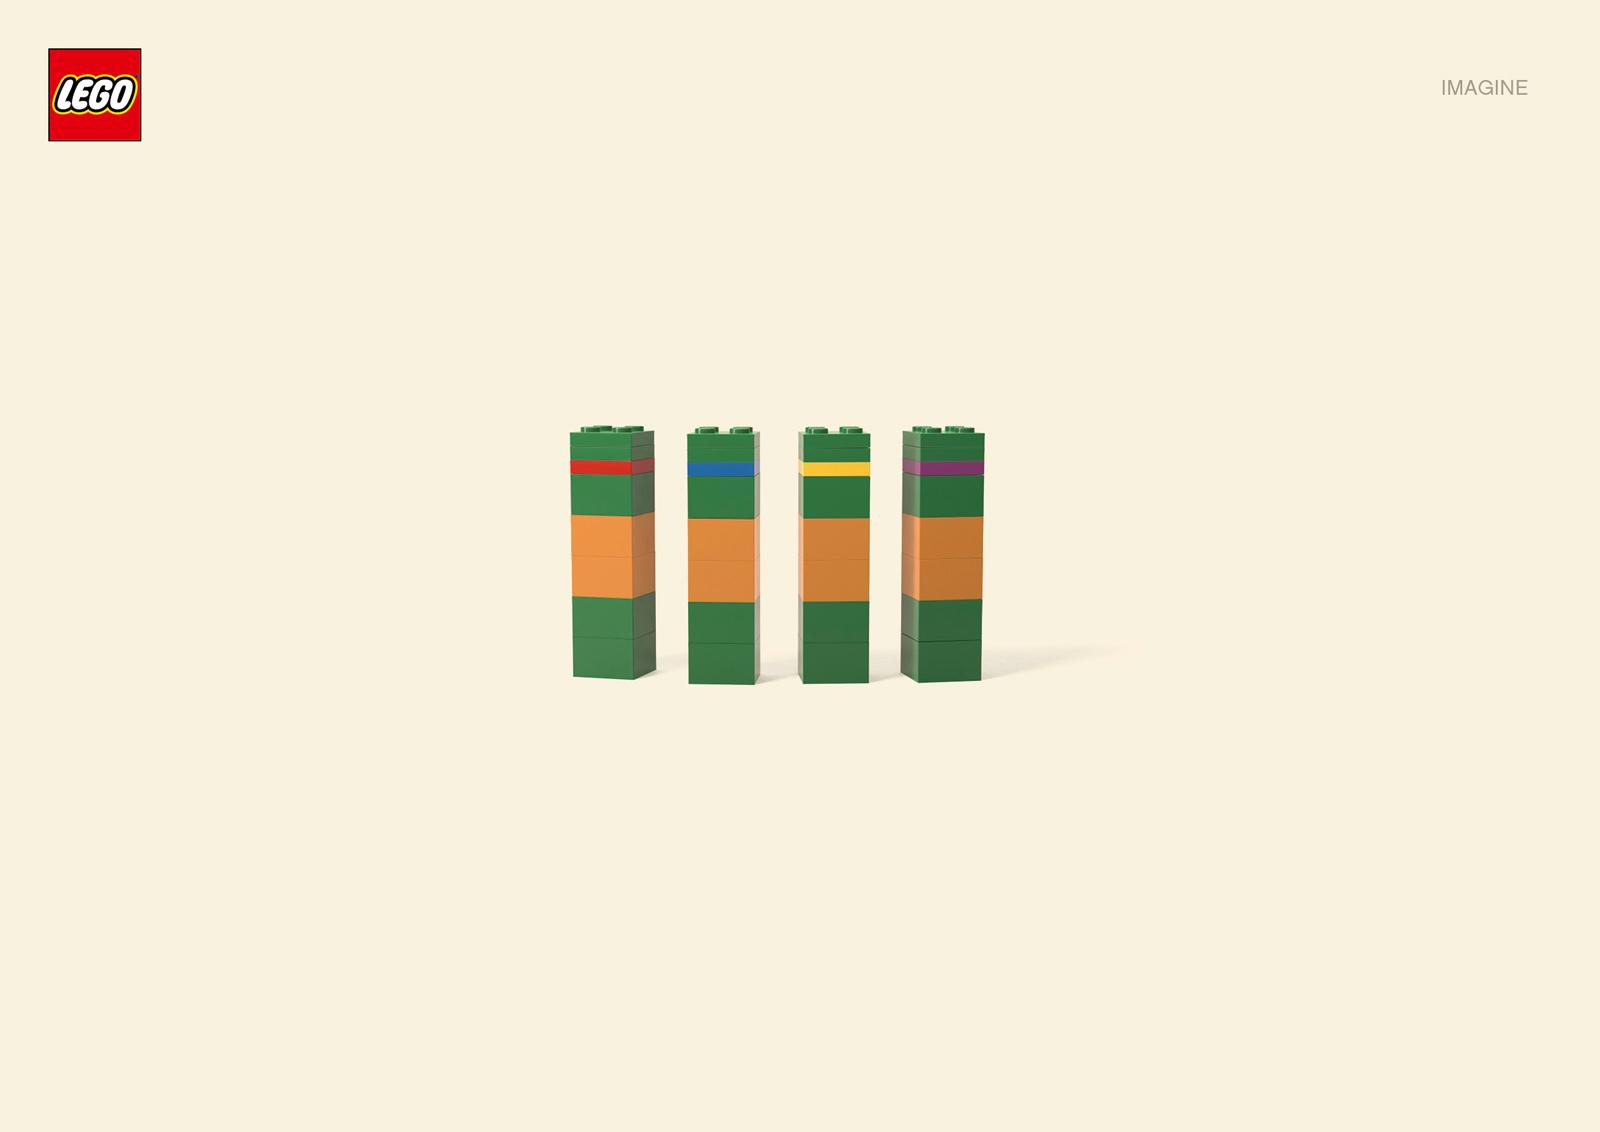 http://2.bp.blogspot.com/-mgAU1eNqIAg/T2M_-Yo7YBI/AAAAAAAAOTA/wKFAkN4AuIw/s1600/lego_ninjaturtles.jpg